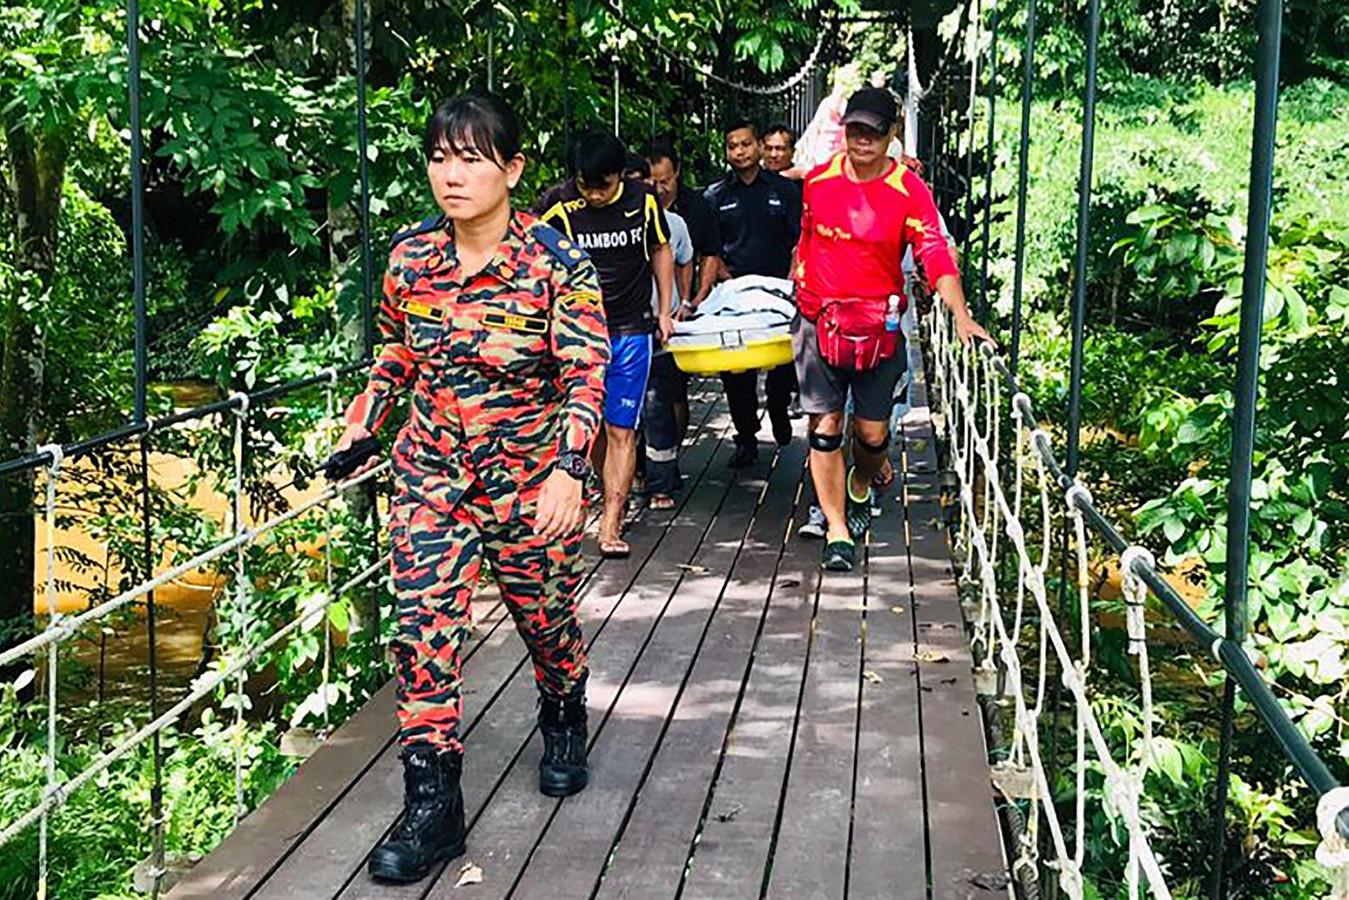 Hulpverleners dragen een lichaam uit de grot in het Mulu-park.